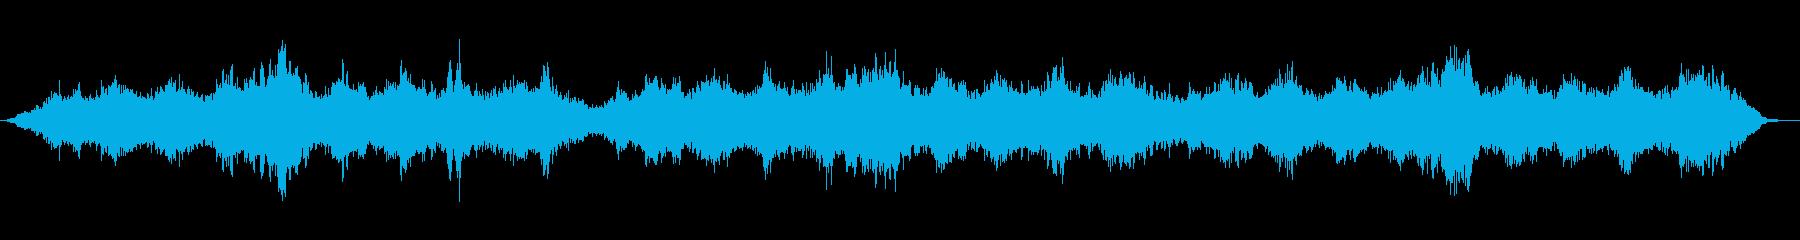 安らぎのアンビエントの再生済みの波形